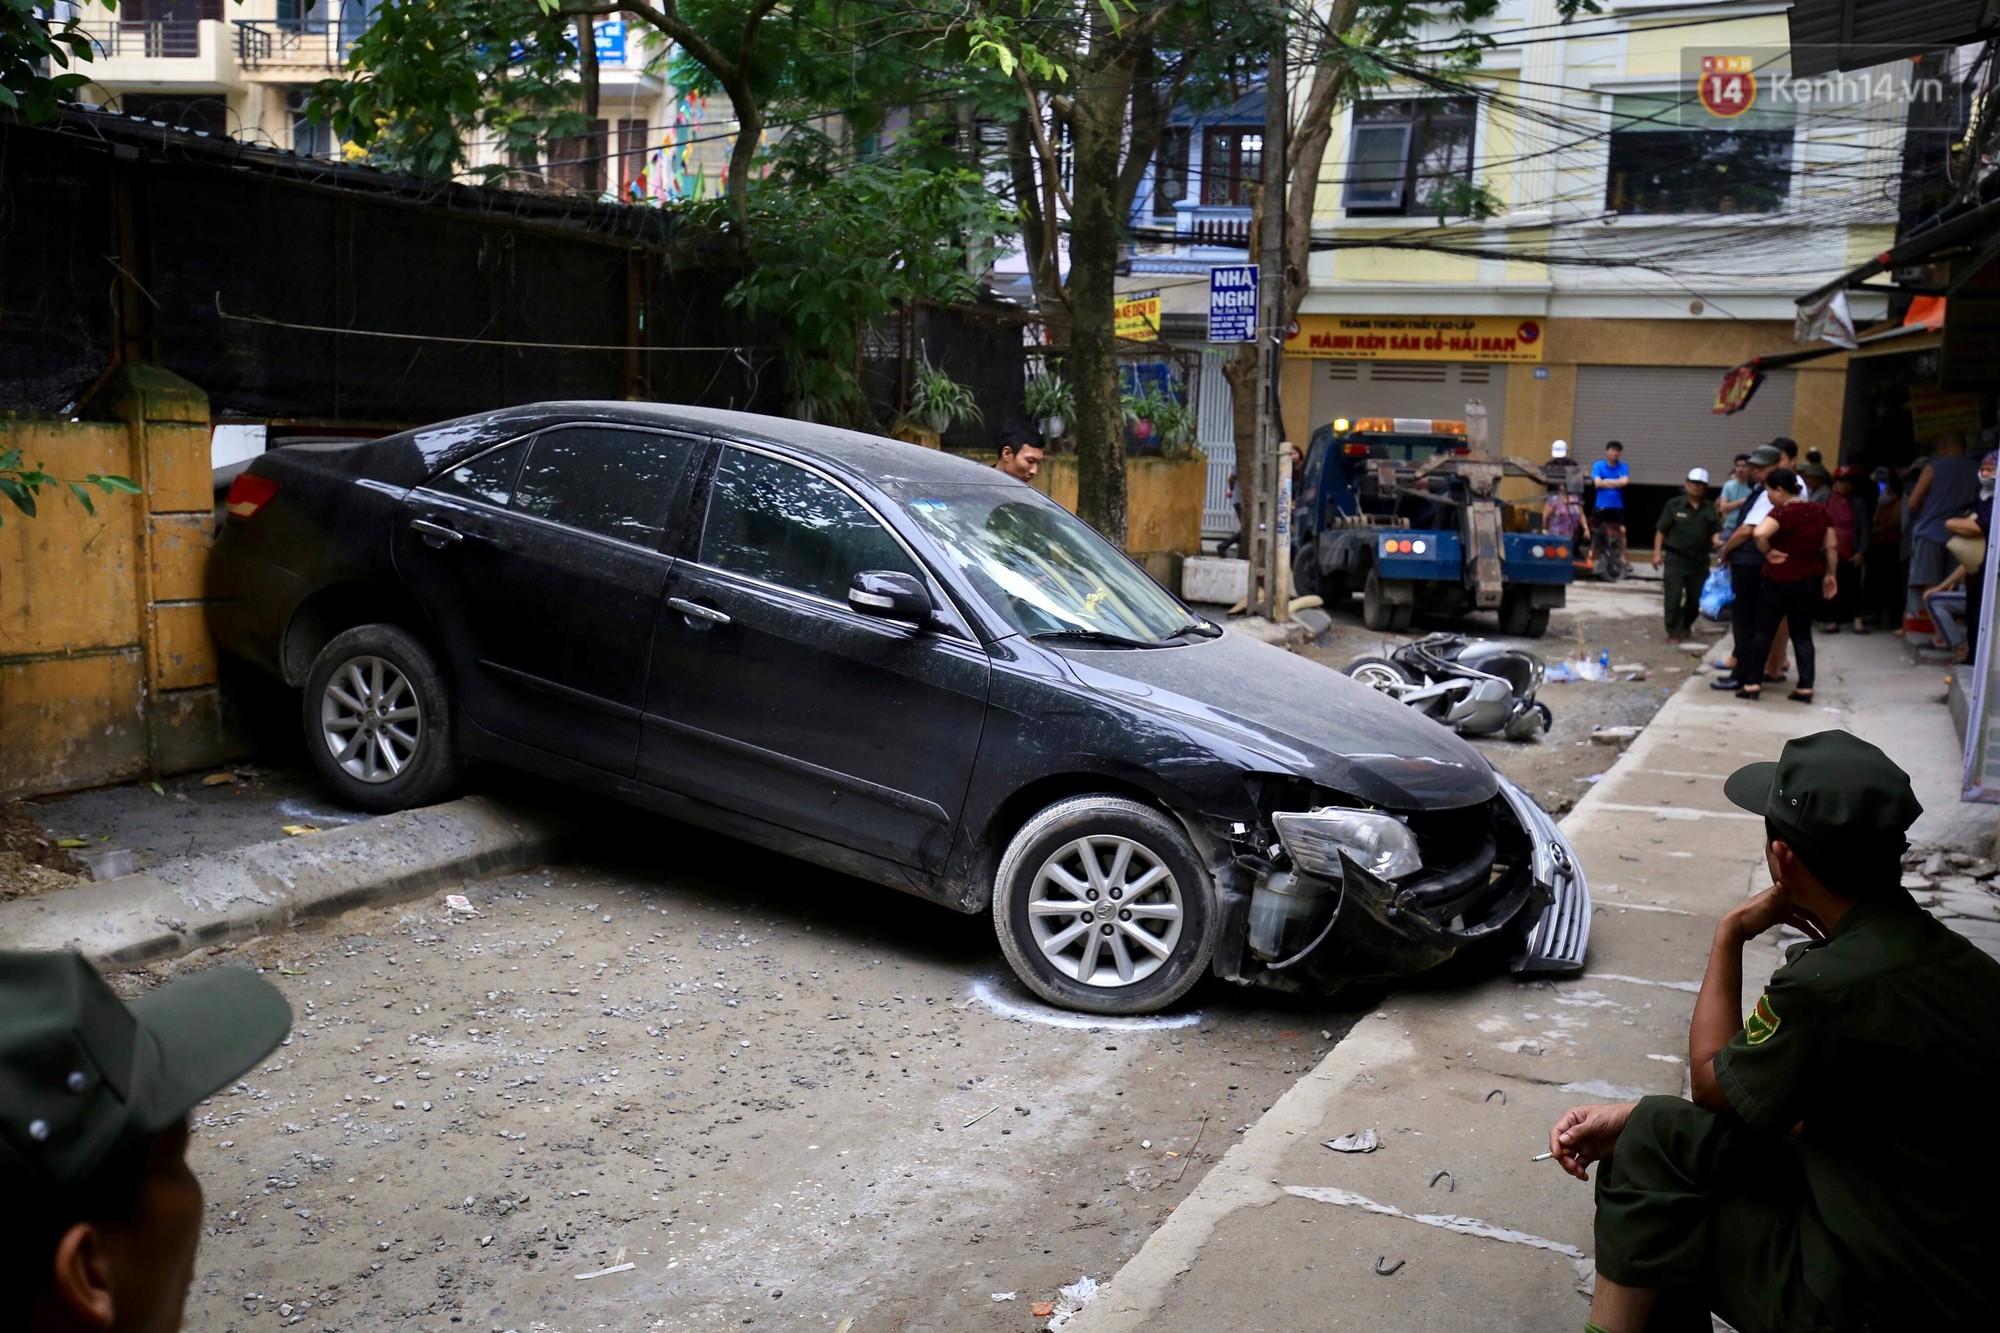 Nhân chứng thoát chết vụ ô tô Camry đi lùi tông tử vong 1 phụ nữ: Sau tai nạn, nữ tài xế mở cửa bỏ chạy-1